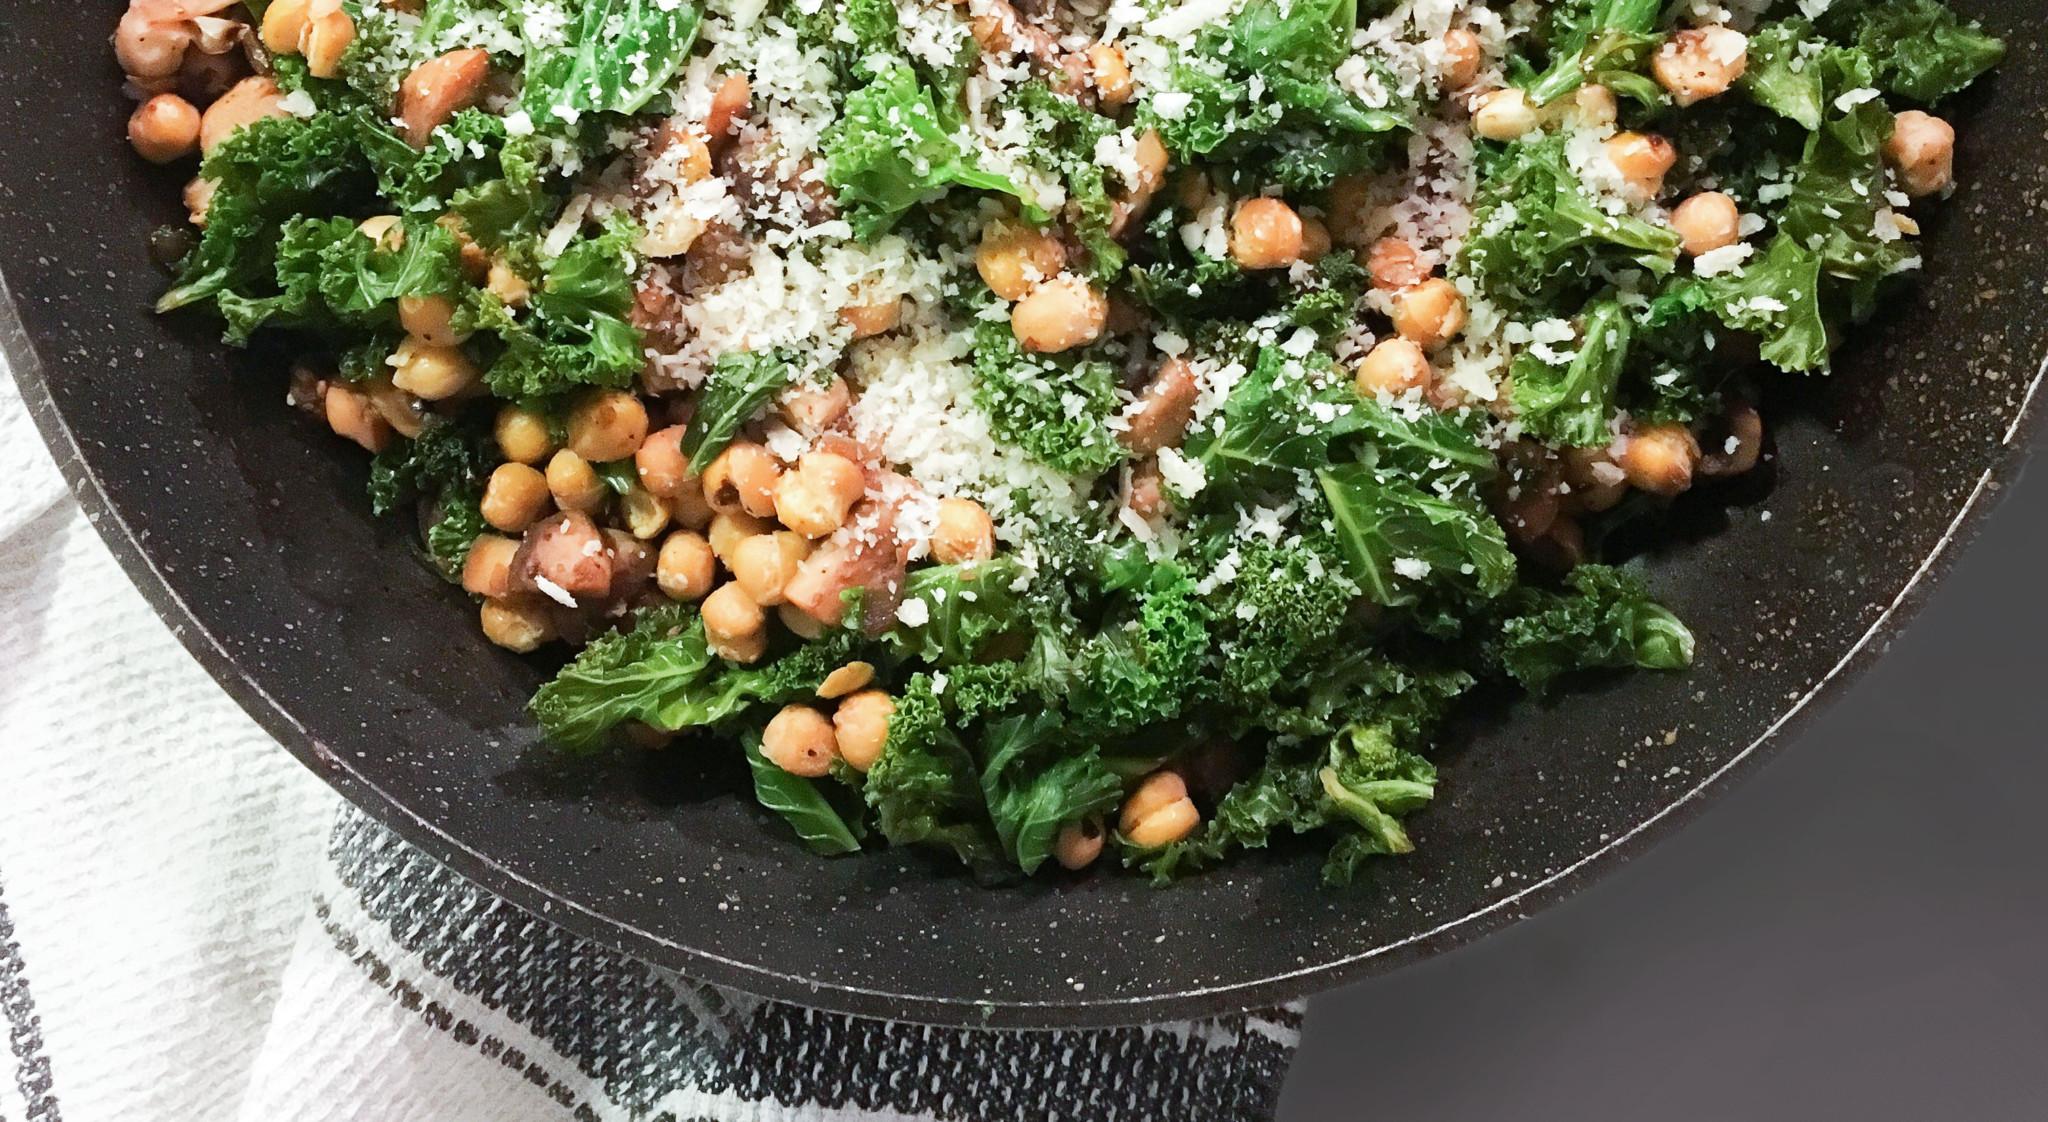 Sauté de kale, champignons et pois chiches | Sparks and Bloom